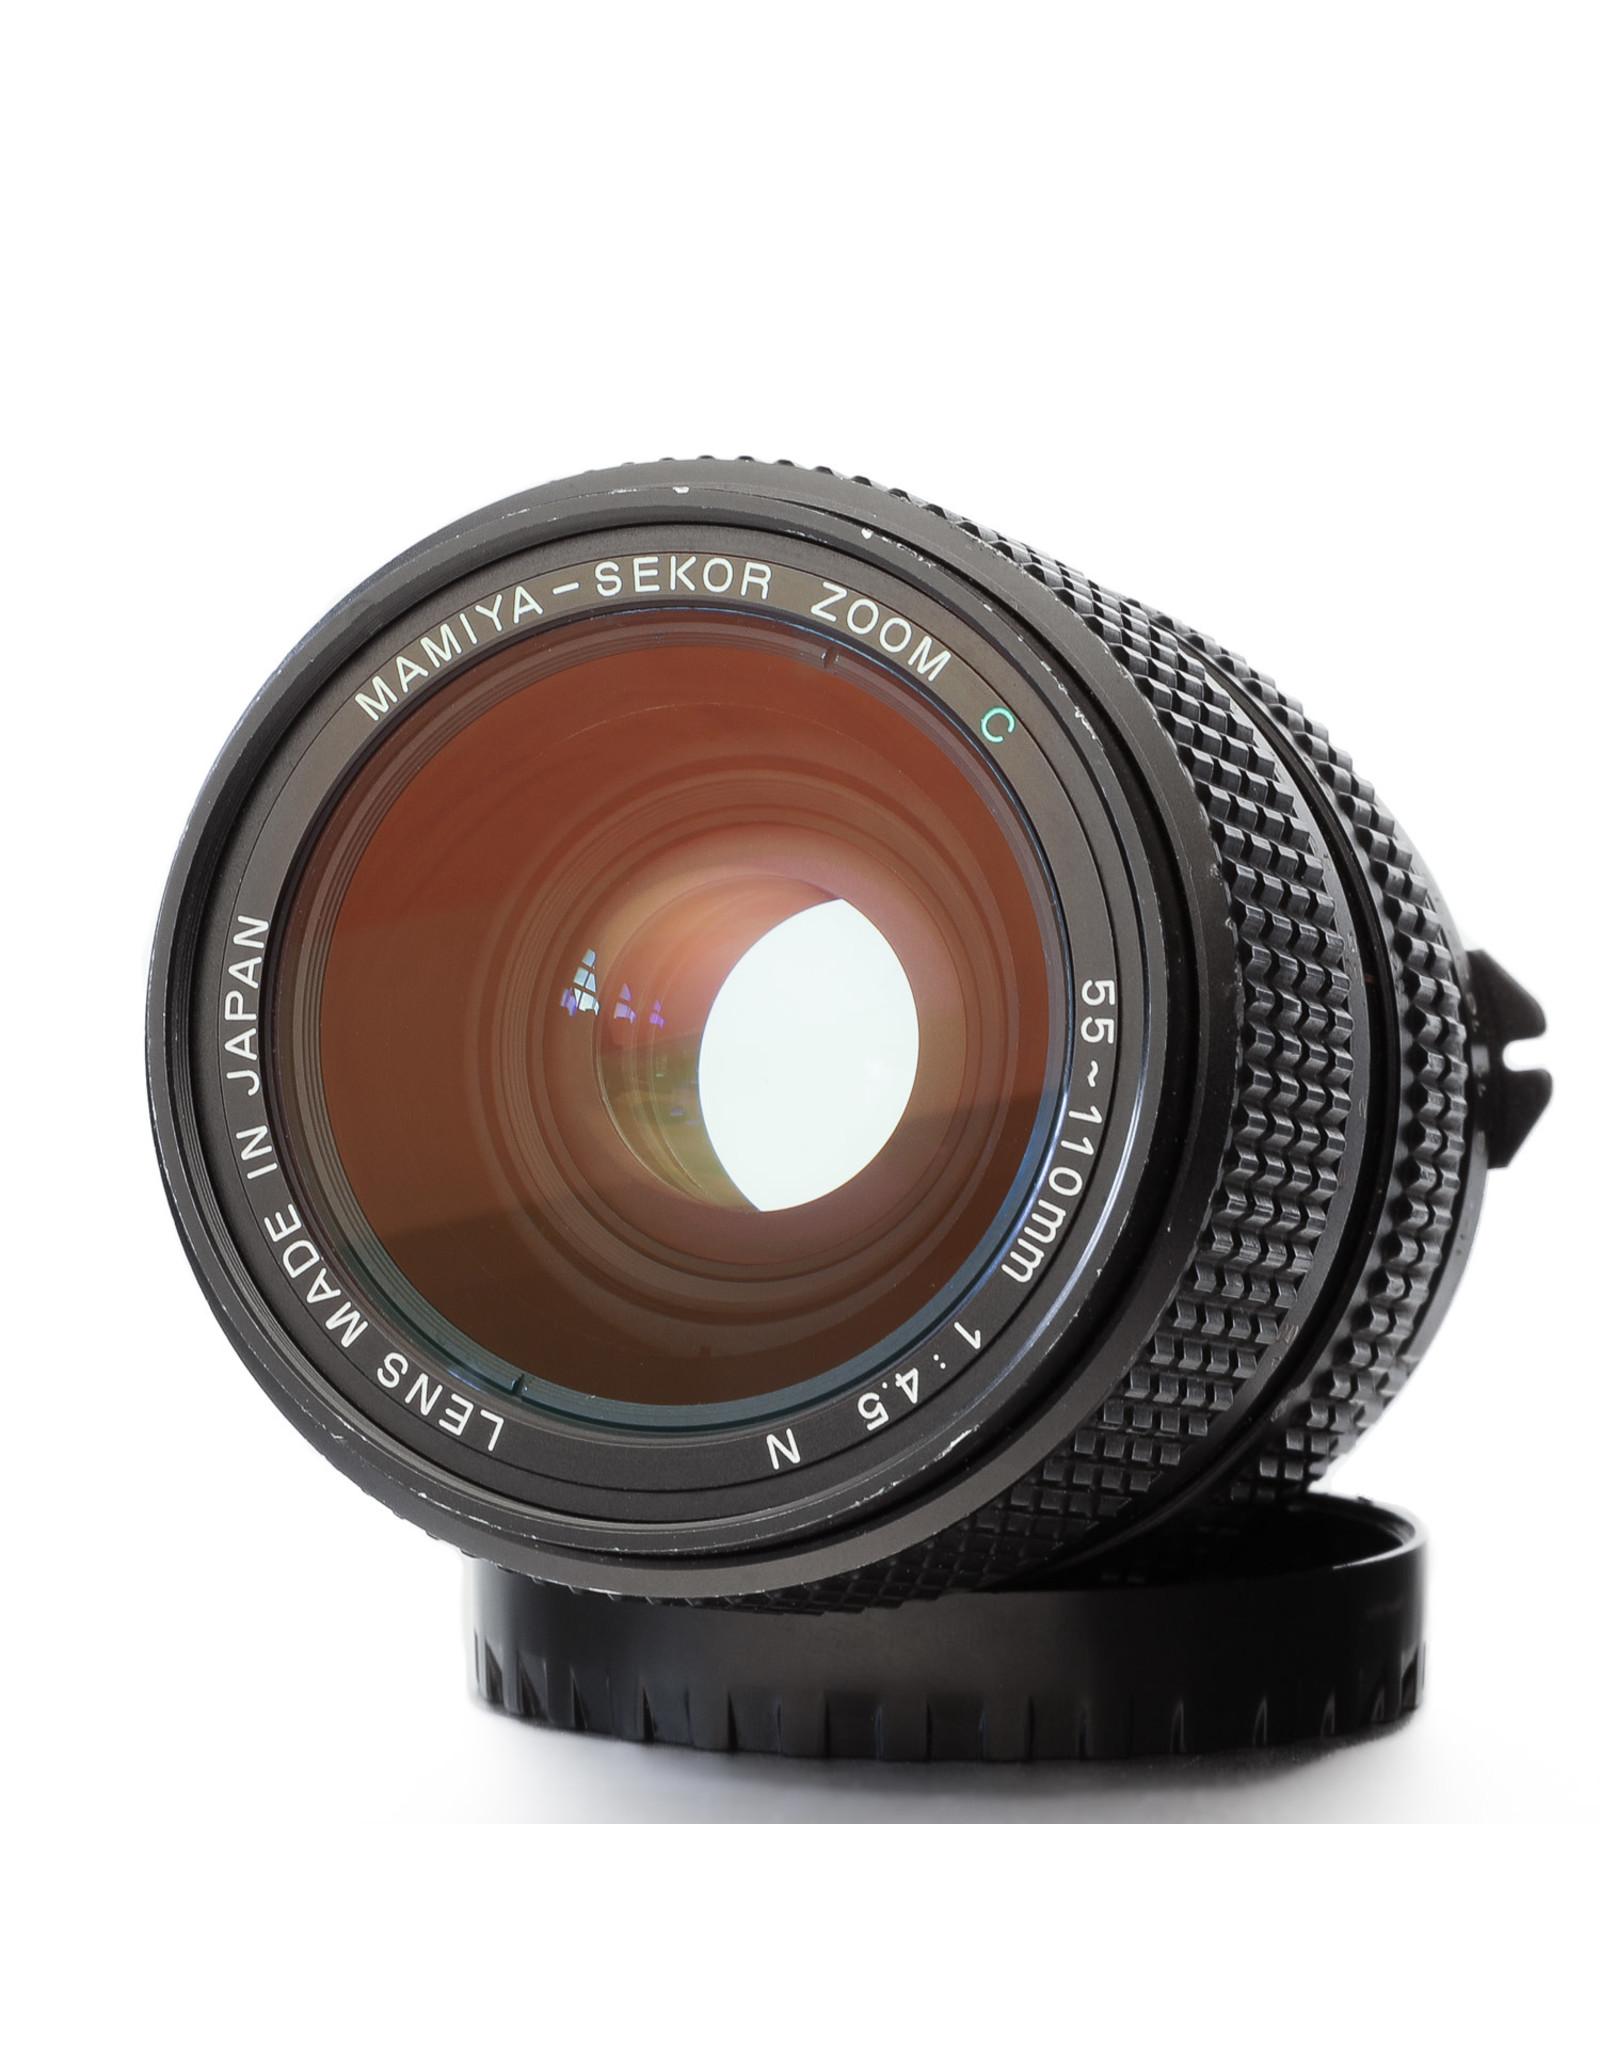 Mamiya Mamiya 55-110mm f4.5 lens for 645 System